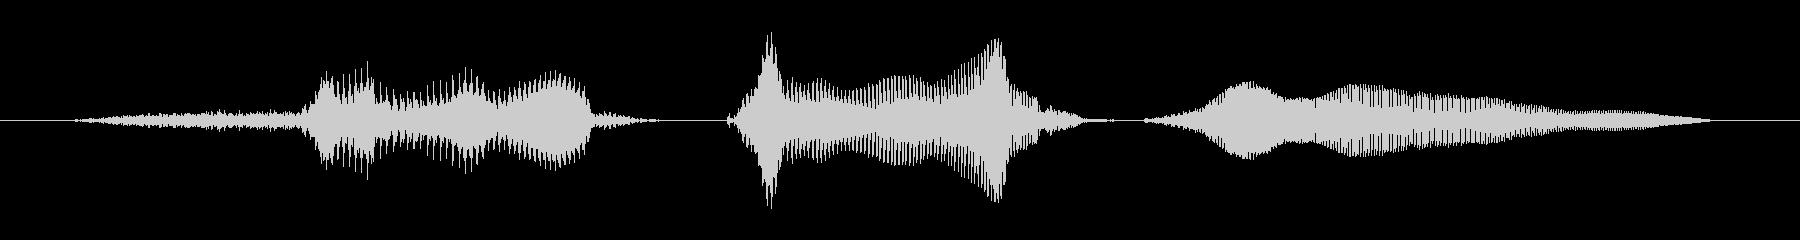 素敵(オカマ)の未再生の波形